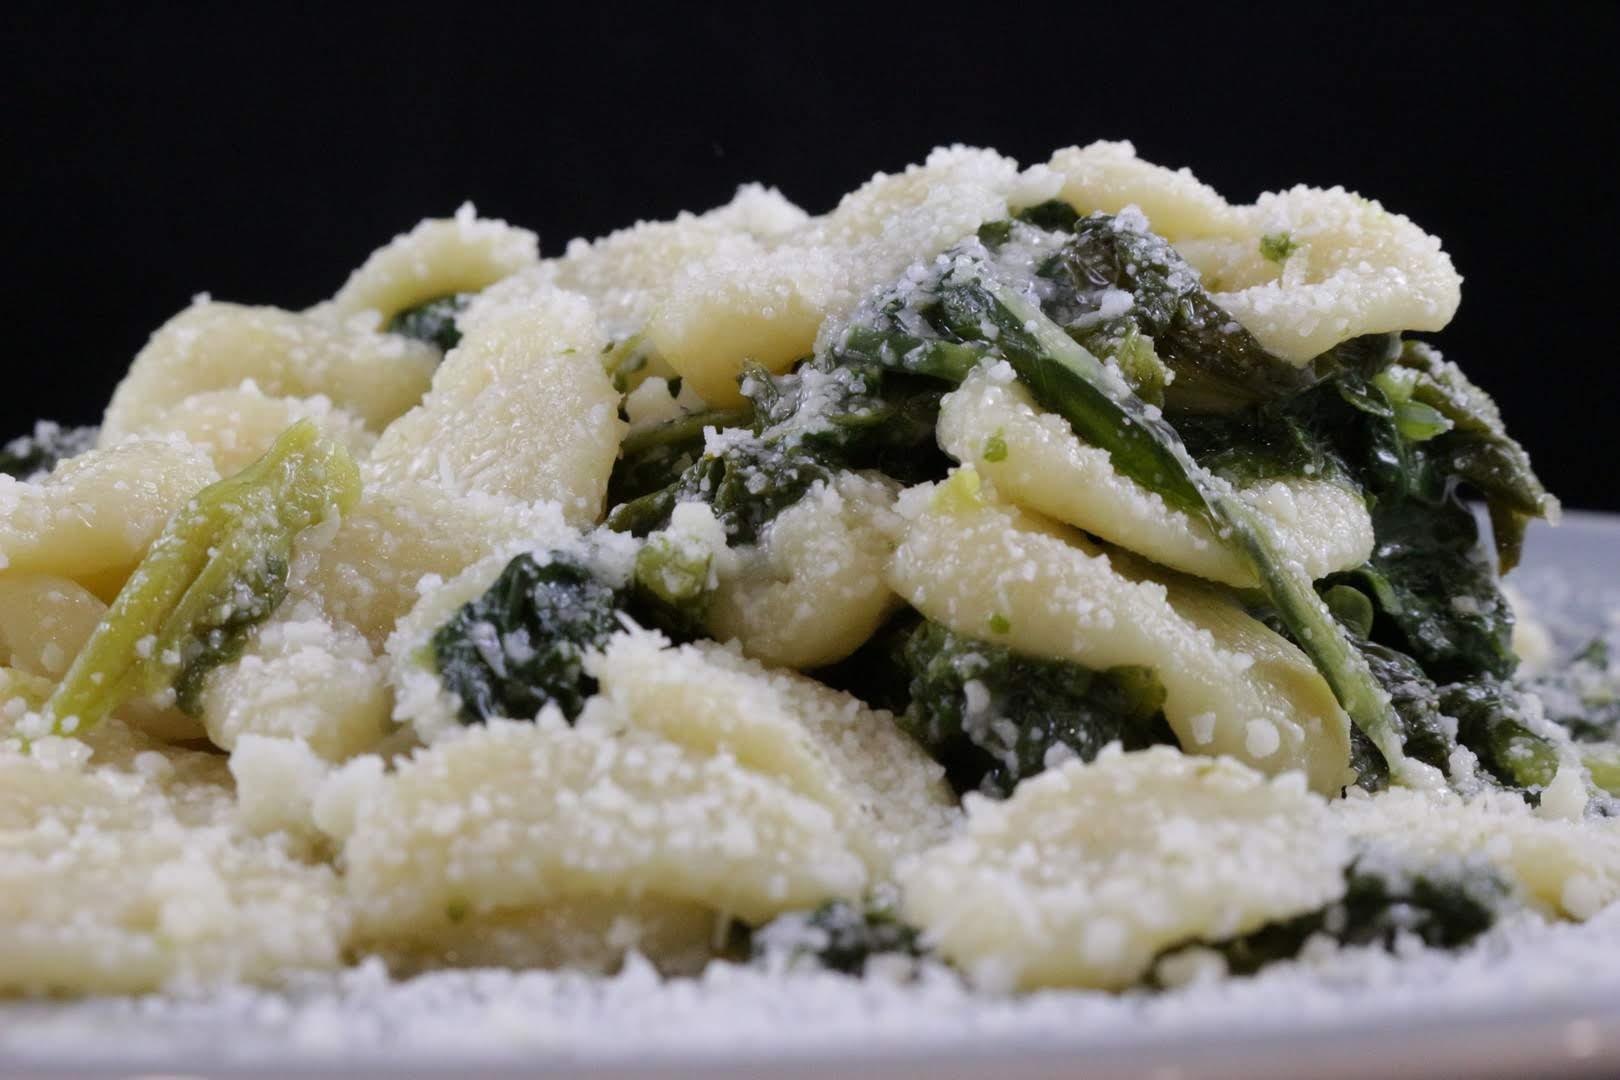 scuola di cucina a torino corso di cucina a torino corso di pasta fresca la palestra del cibo home made pasta